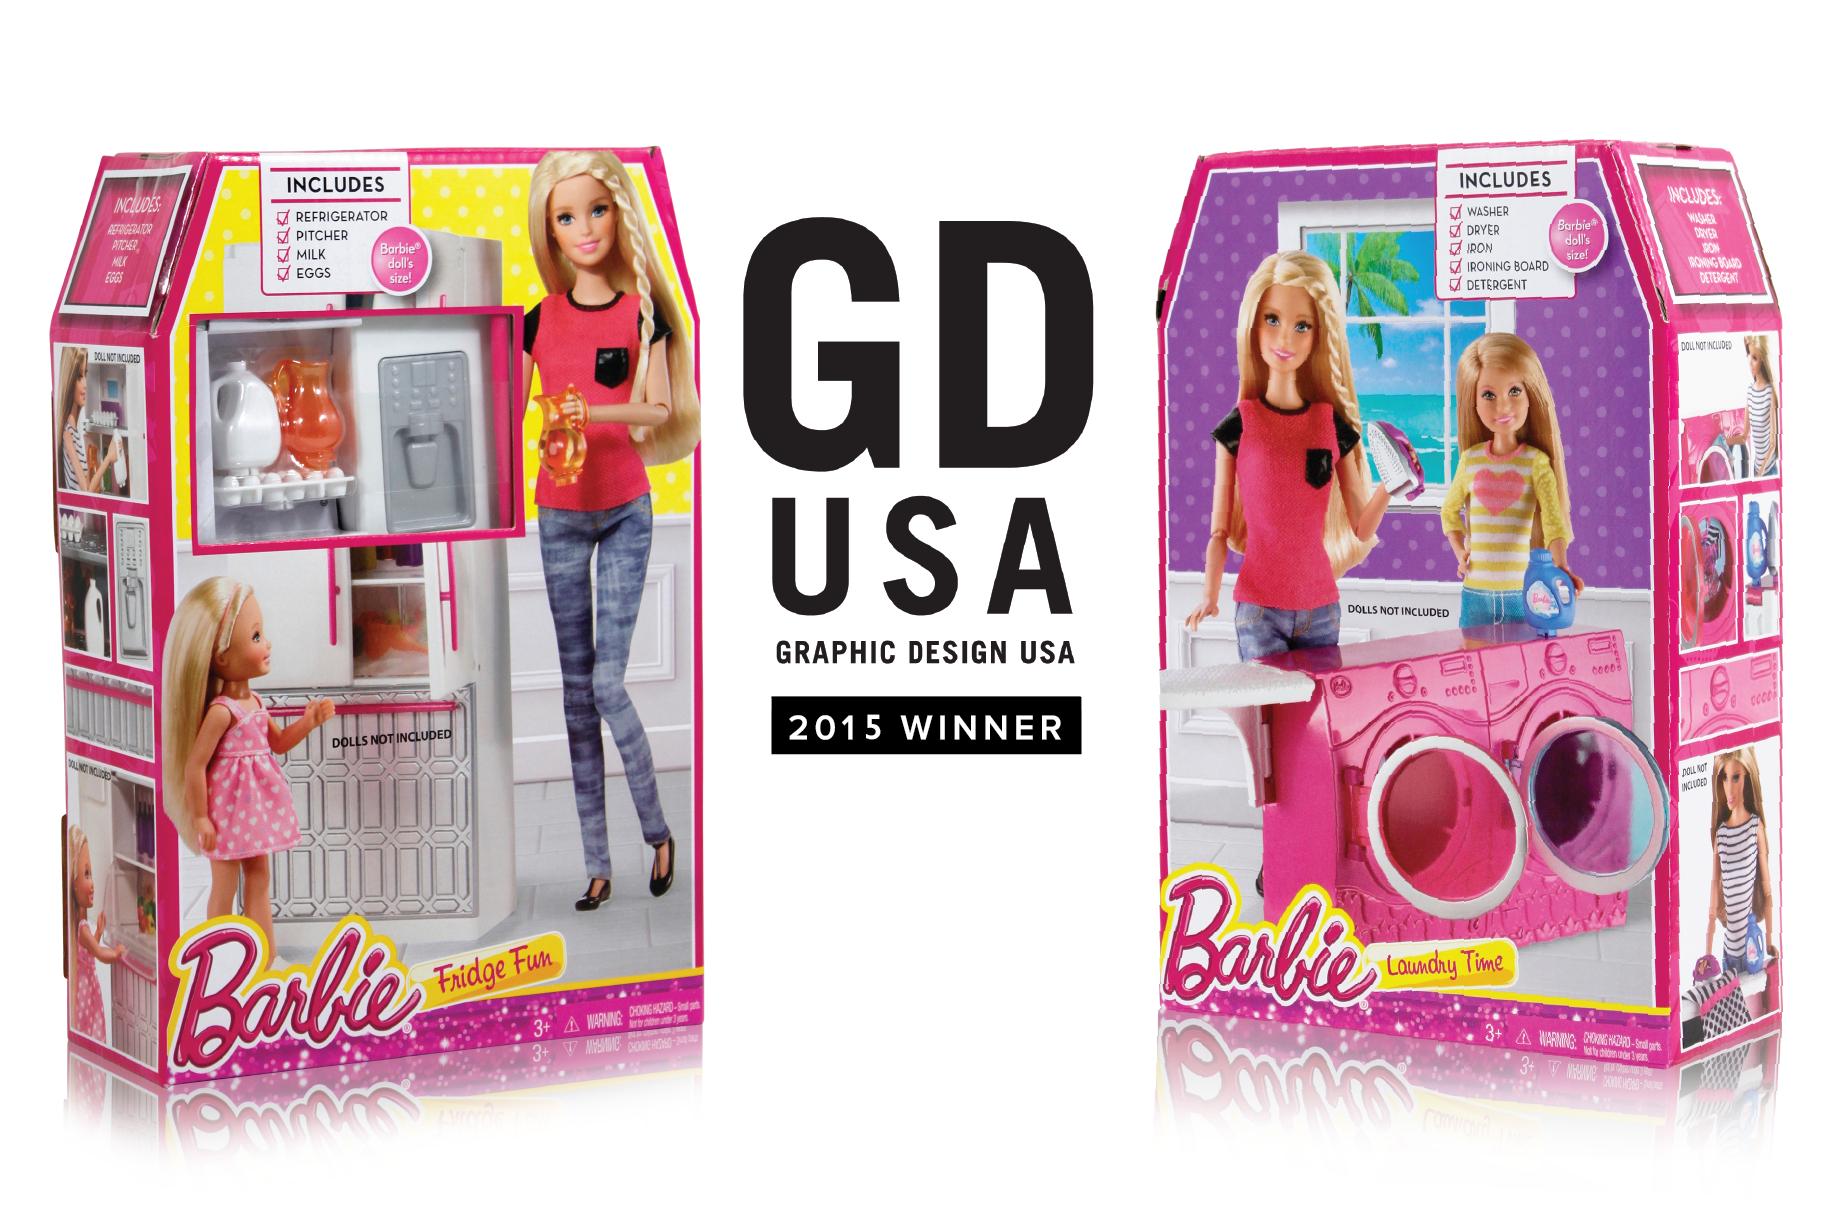 Barbie-08.png